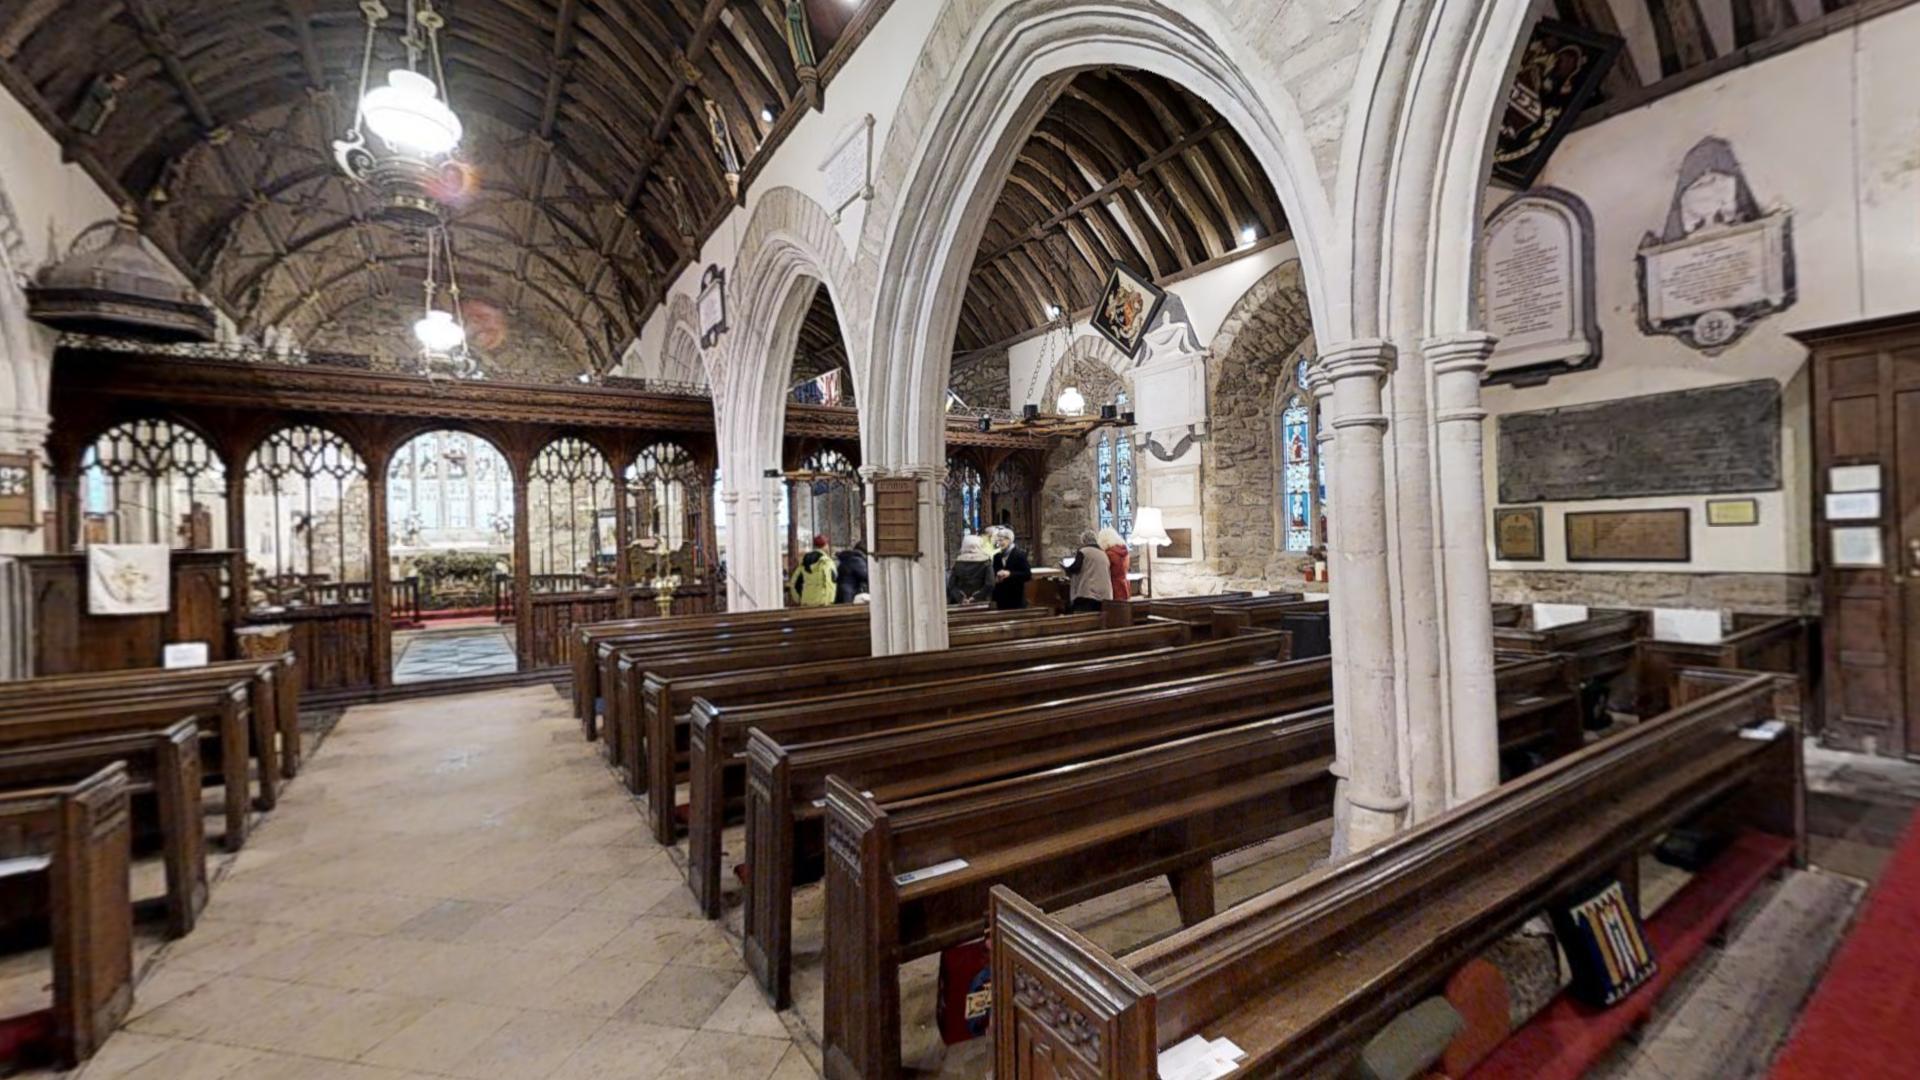 St. Maddern's Church